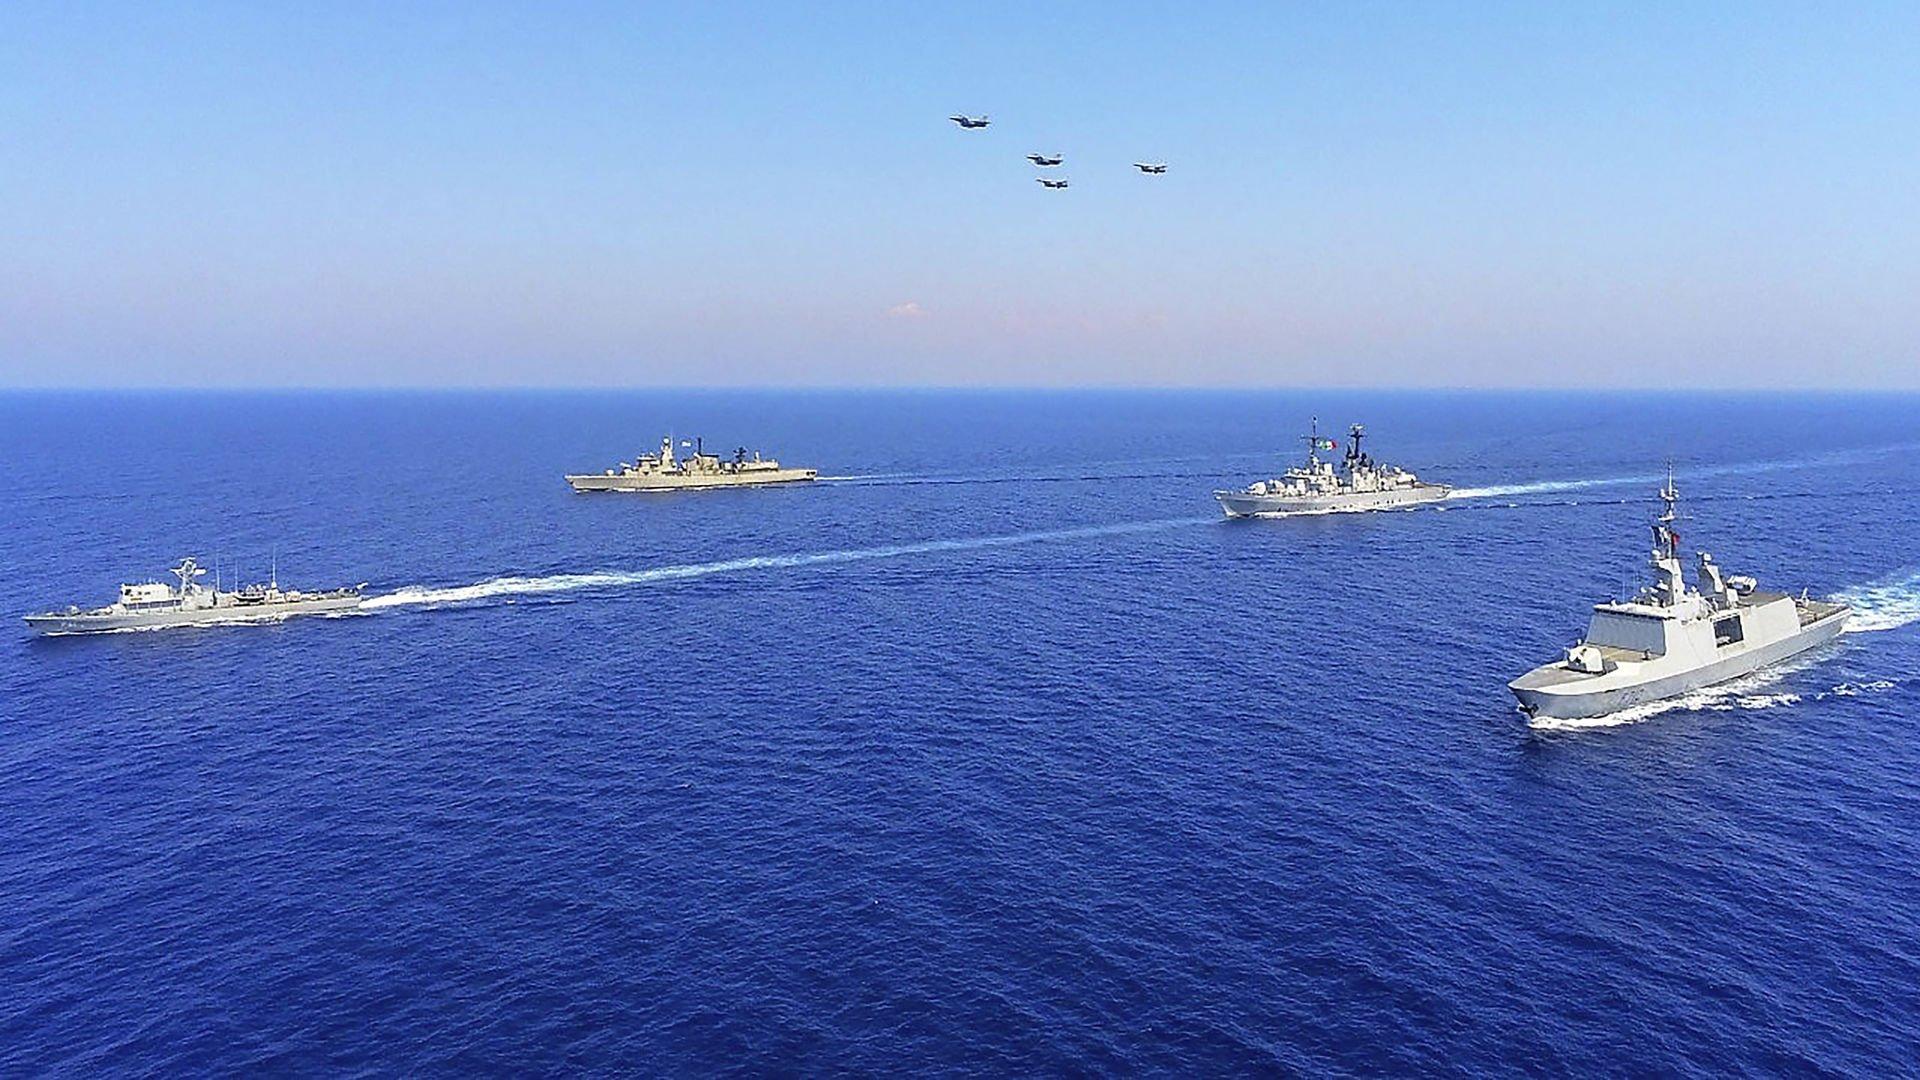 Doğu Akdeniz'de neler oluyor: 5 soruda dünyanın takip ettiği kriz